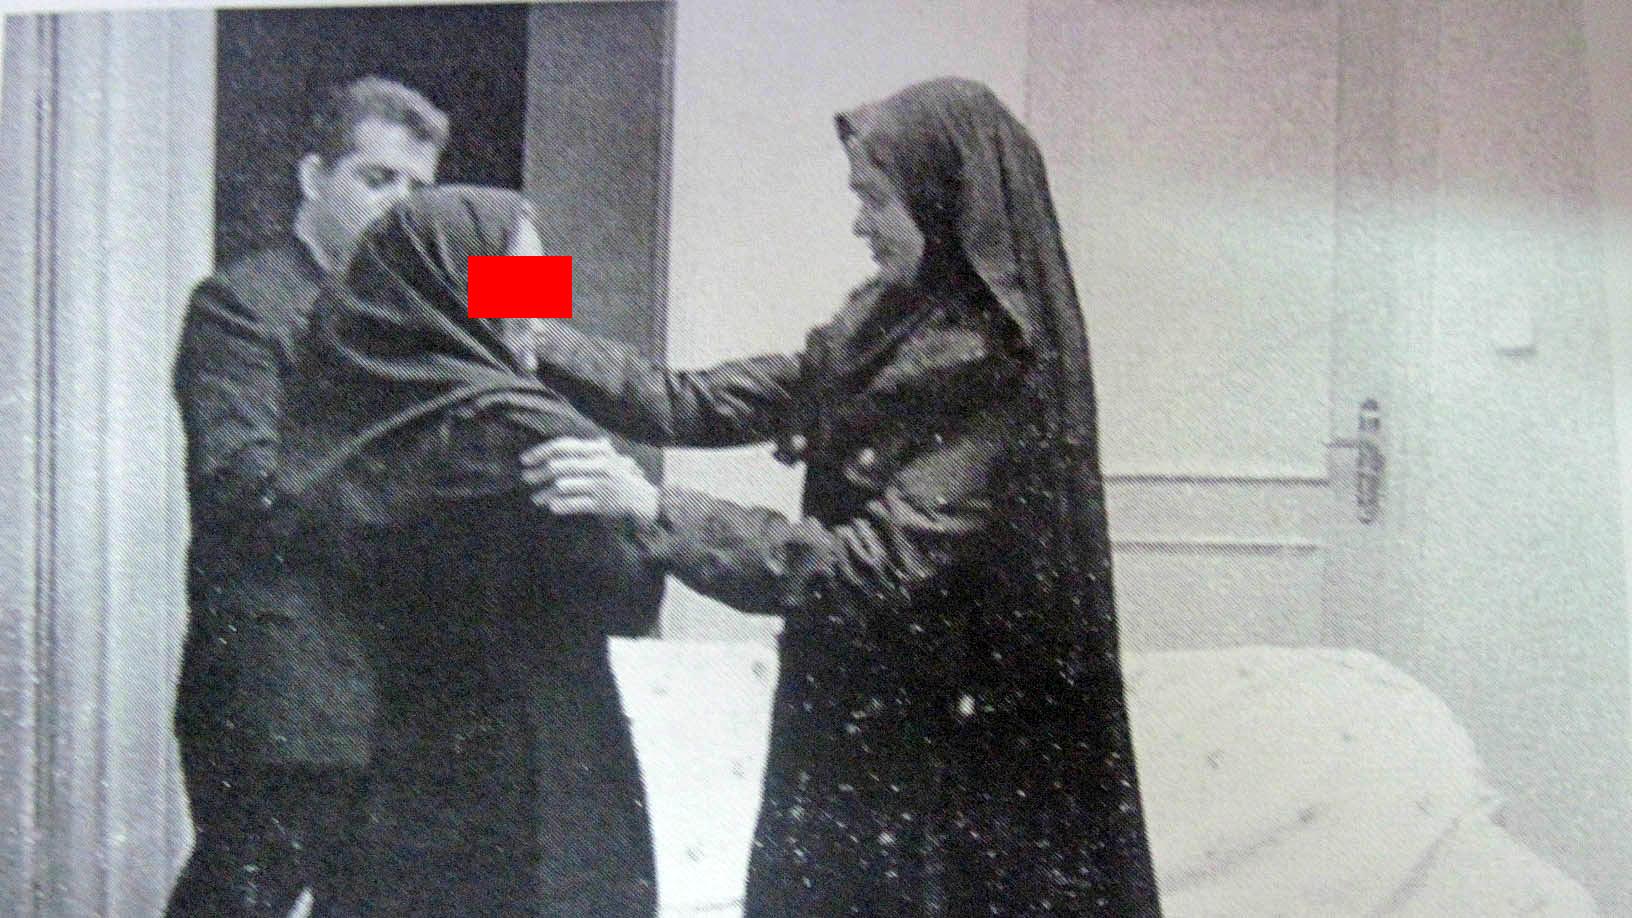 نوعروس خواهر شهید لاجوردی در لیست اعدام قرار گرفت+ عکس متهم